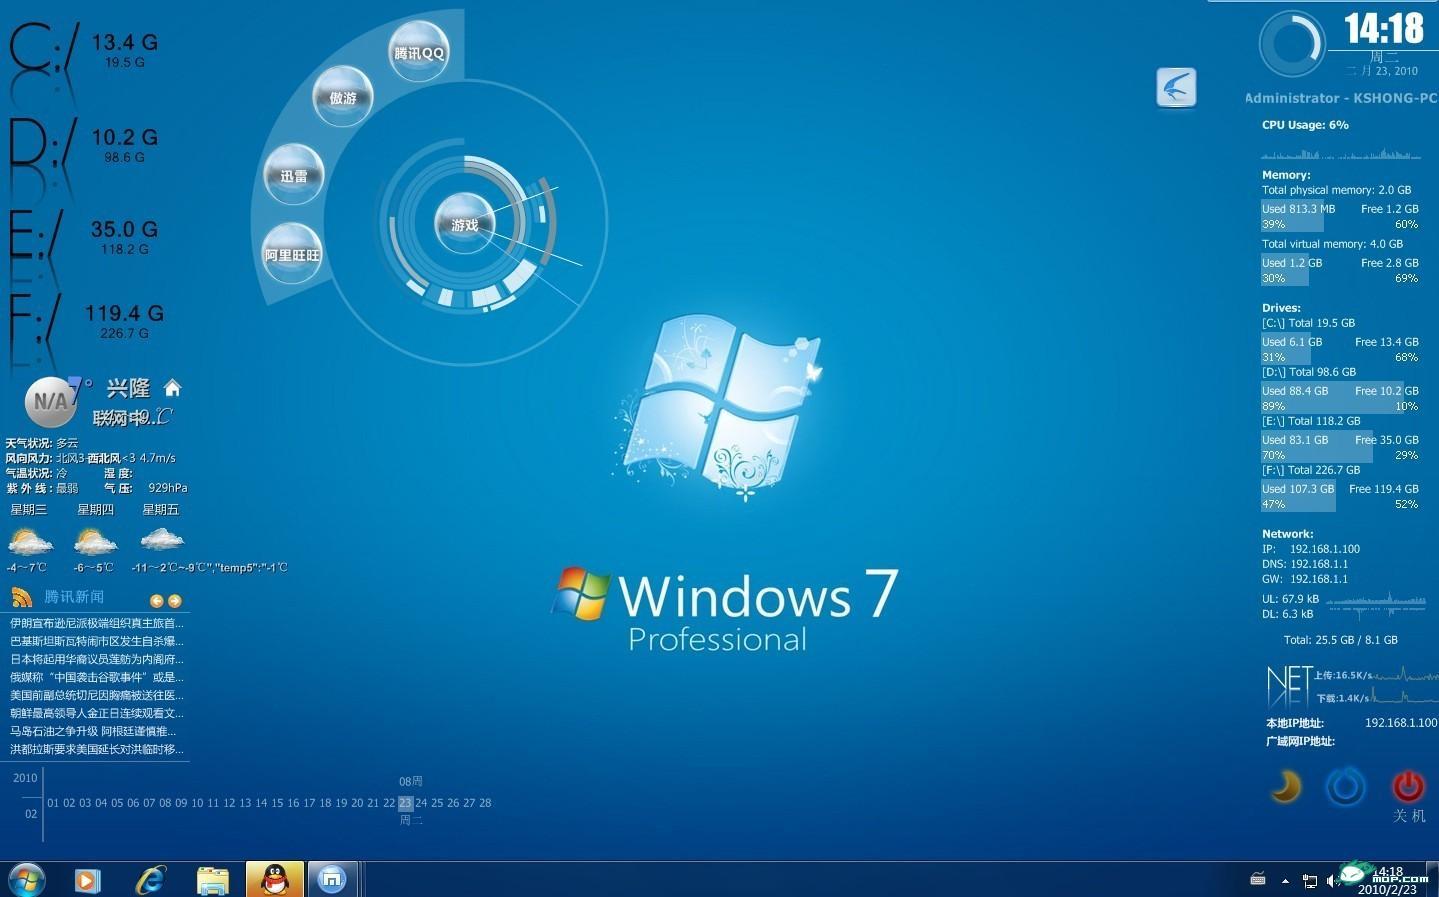 信息中心 我想找一个w7电脑桌面主题下载软件,什么软件比较好呢?